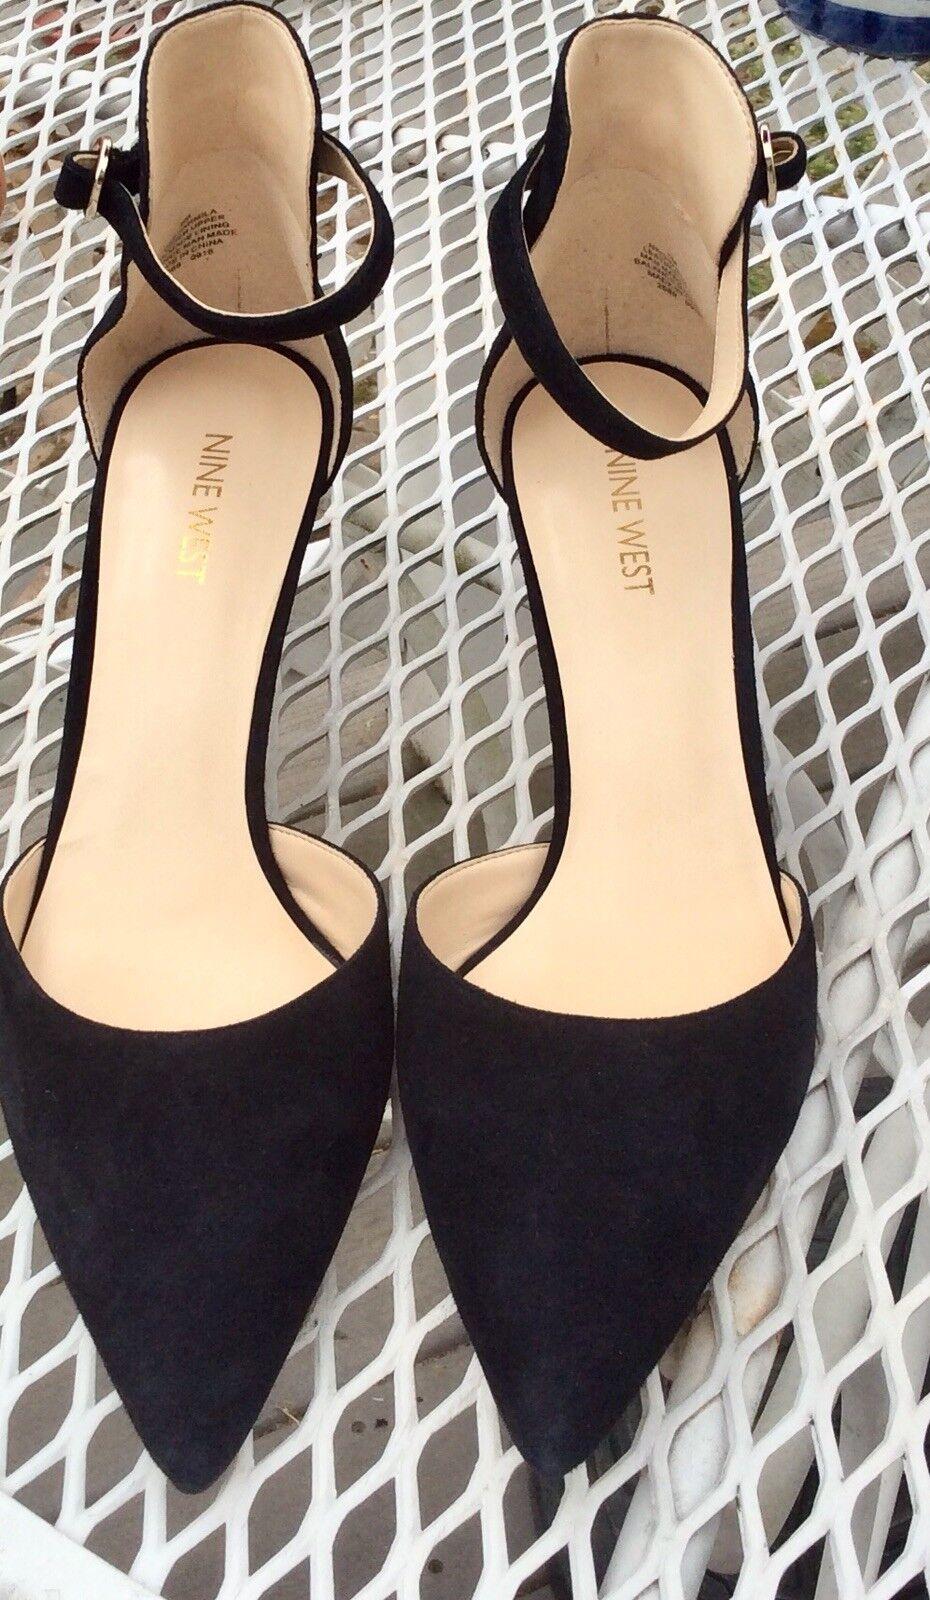 Nine West Black Suede shoes Sz 9 M New- Open Toe Black Sandals